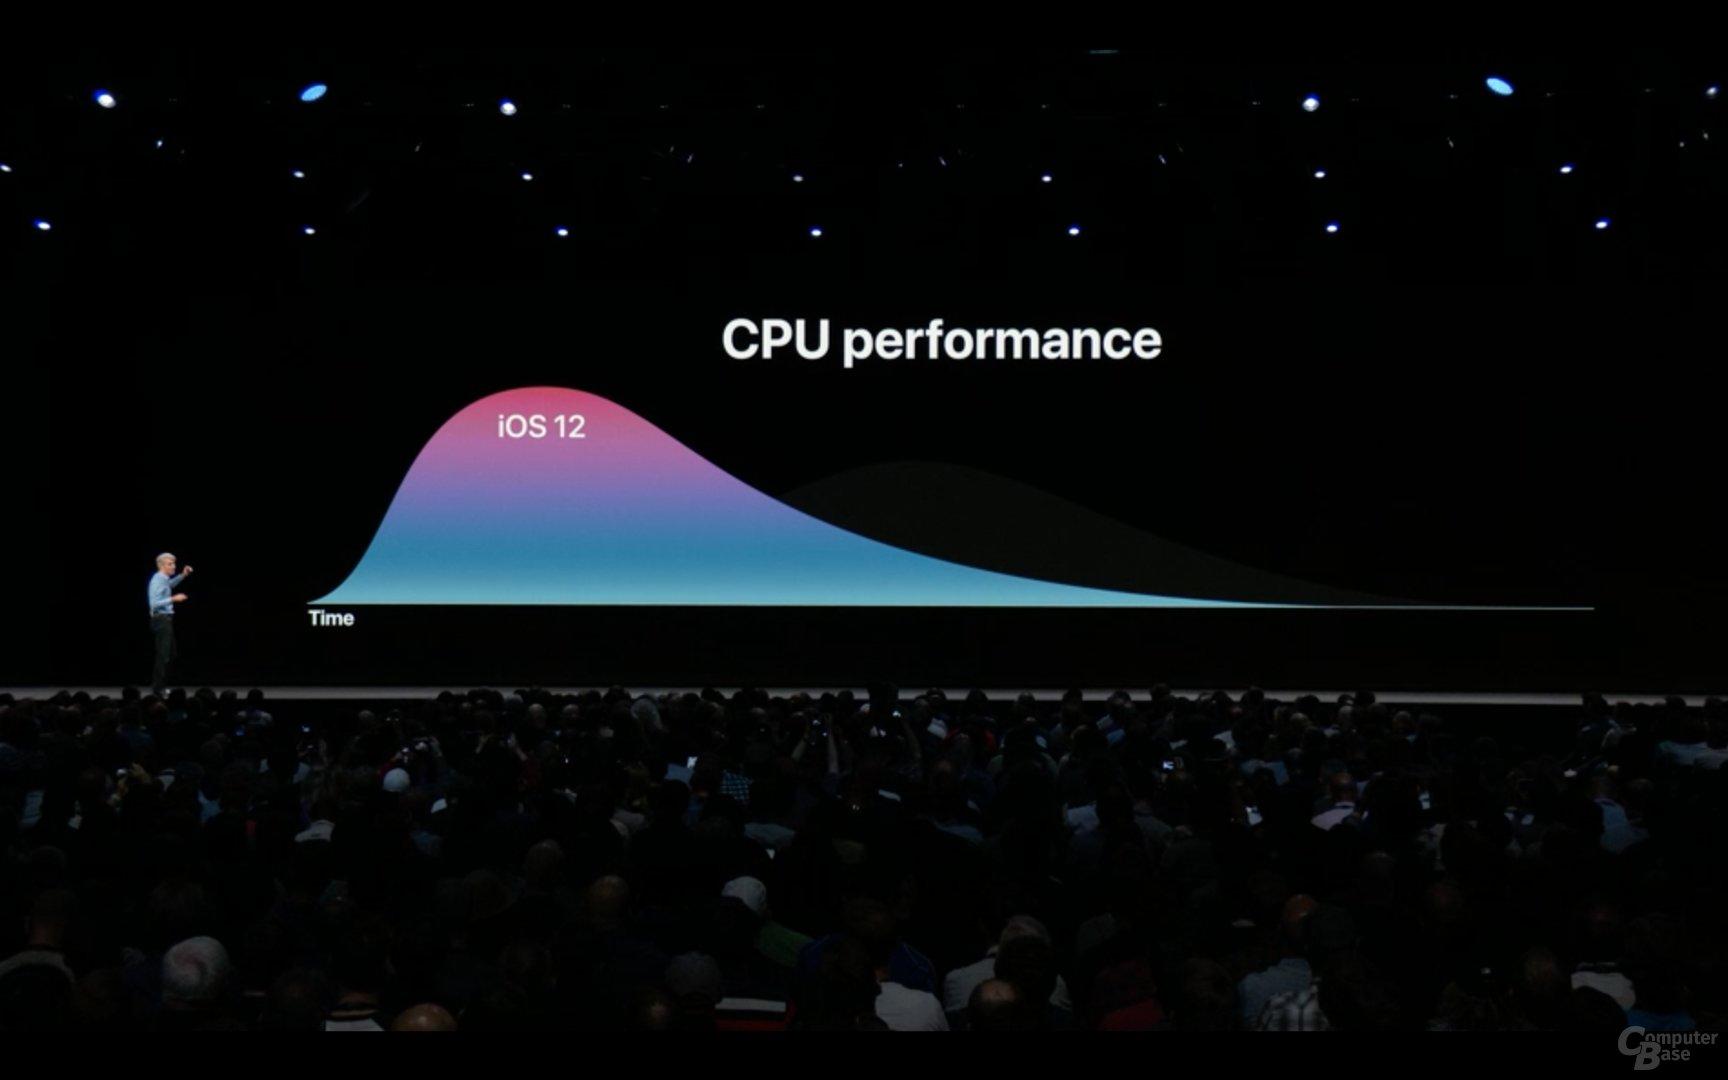 iOS 12 soll die CPU-Taktraten unter Last schneller anheben